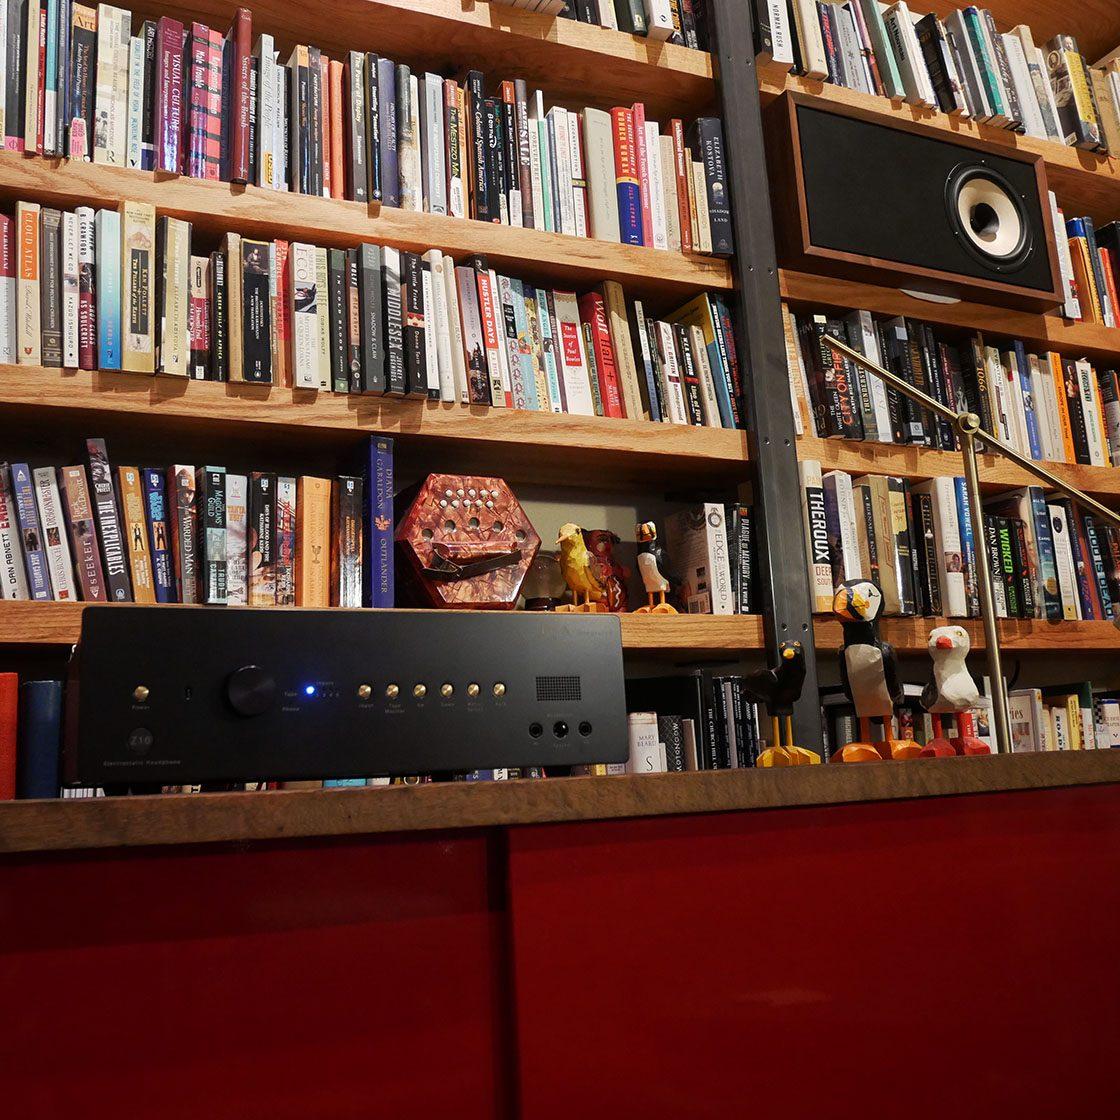 Ravens-Bookshelf-007.jpg